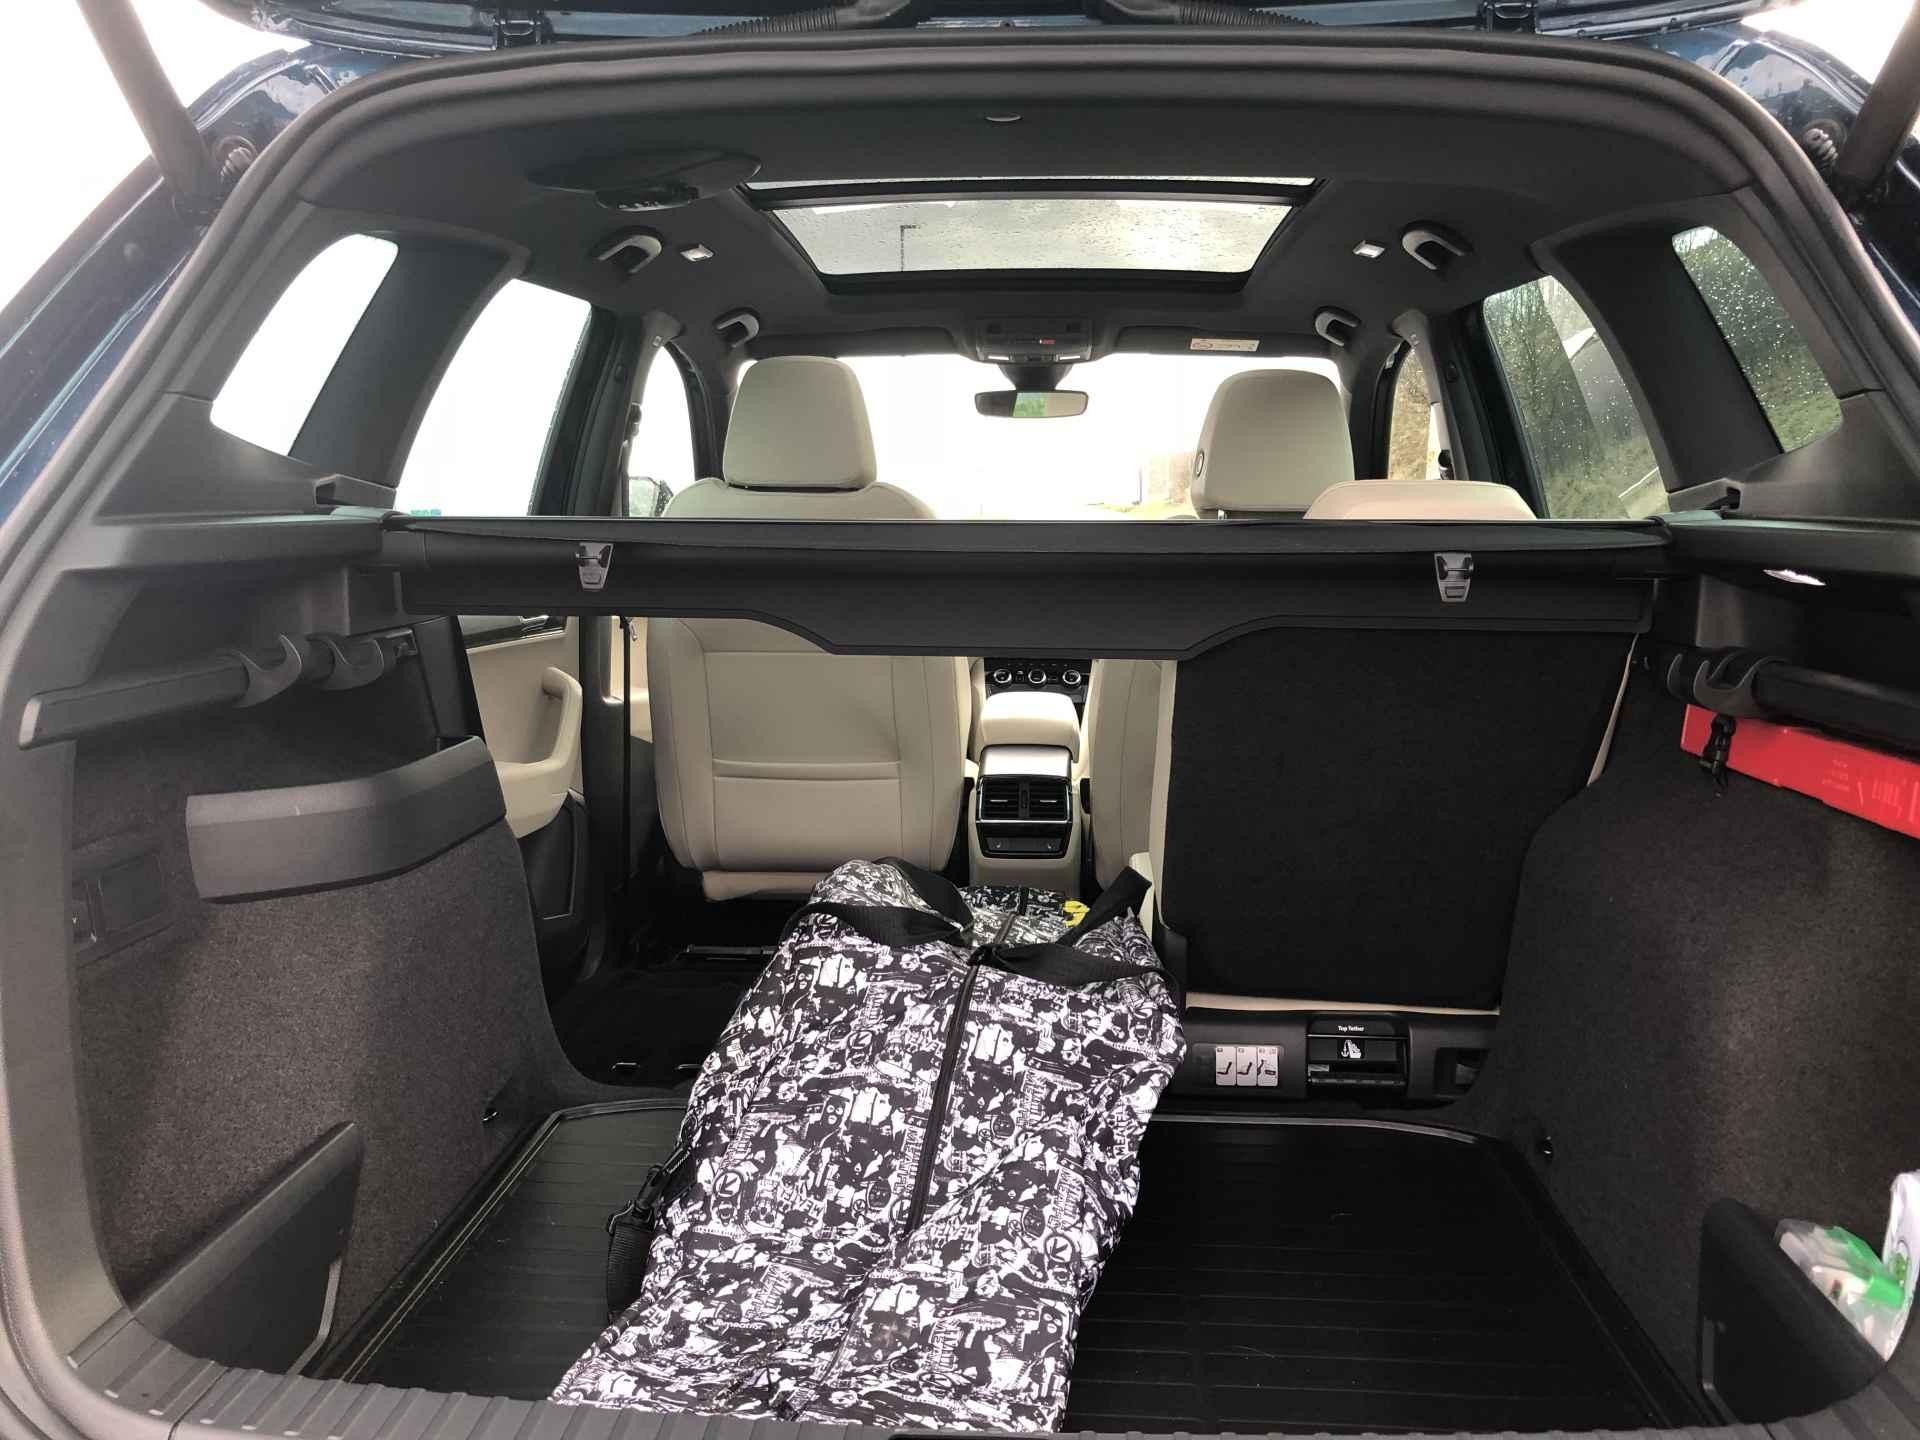 Vyjmutelné zadní sedačky Varioflex jsou velmi praktické na cesty ve čtyřech, kdy se do auta vejde spoustu věcí.